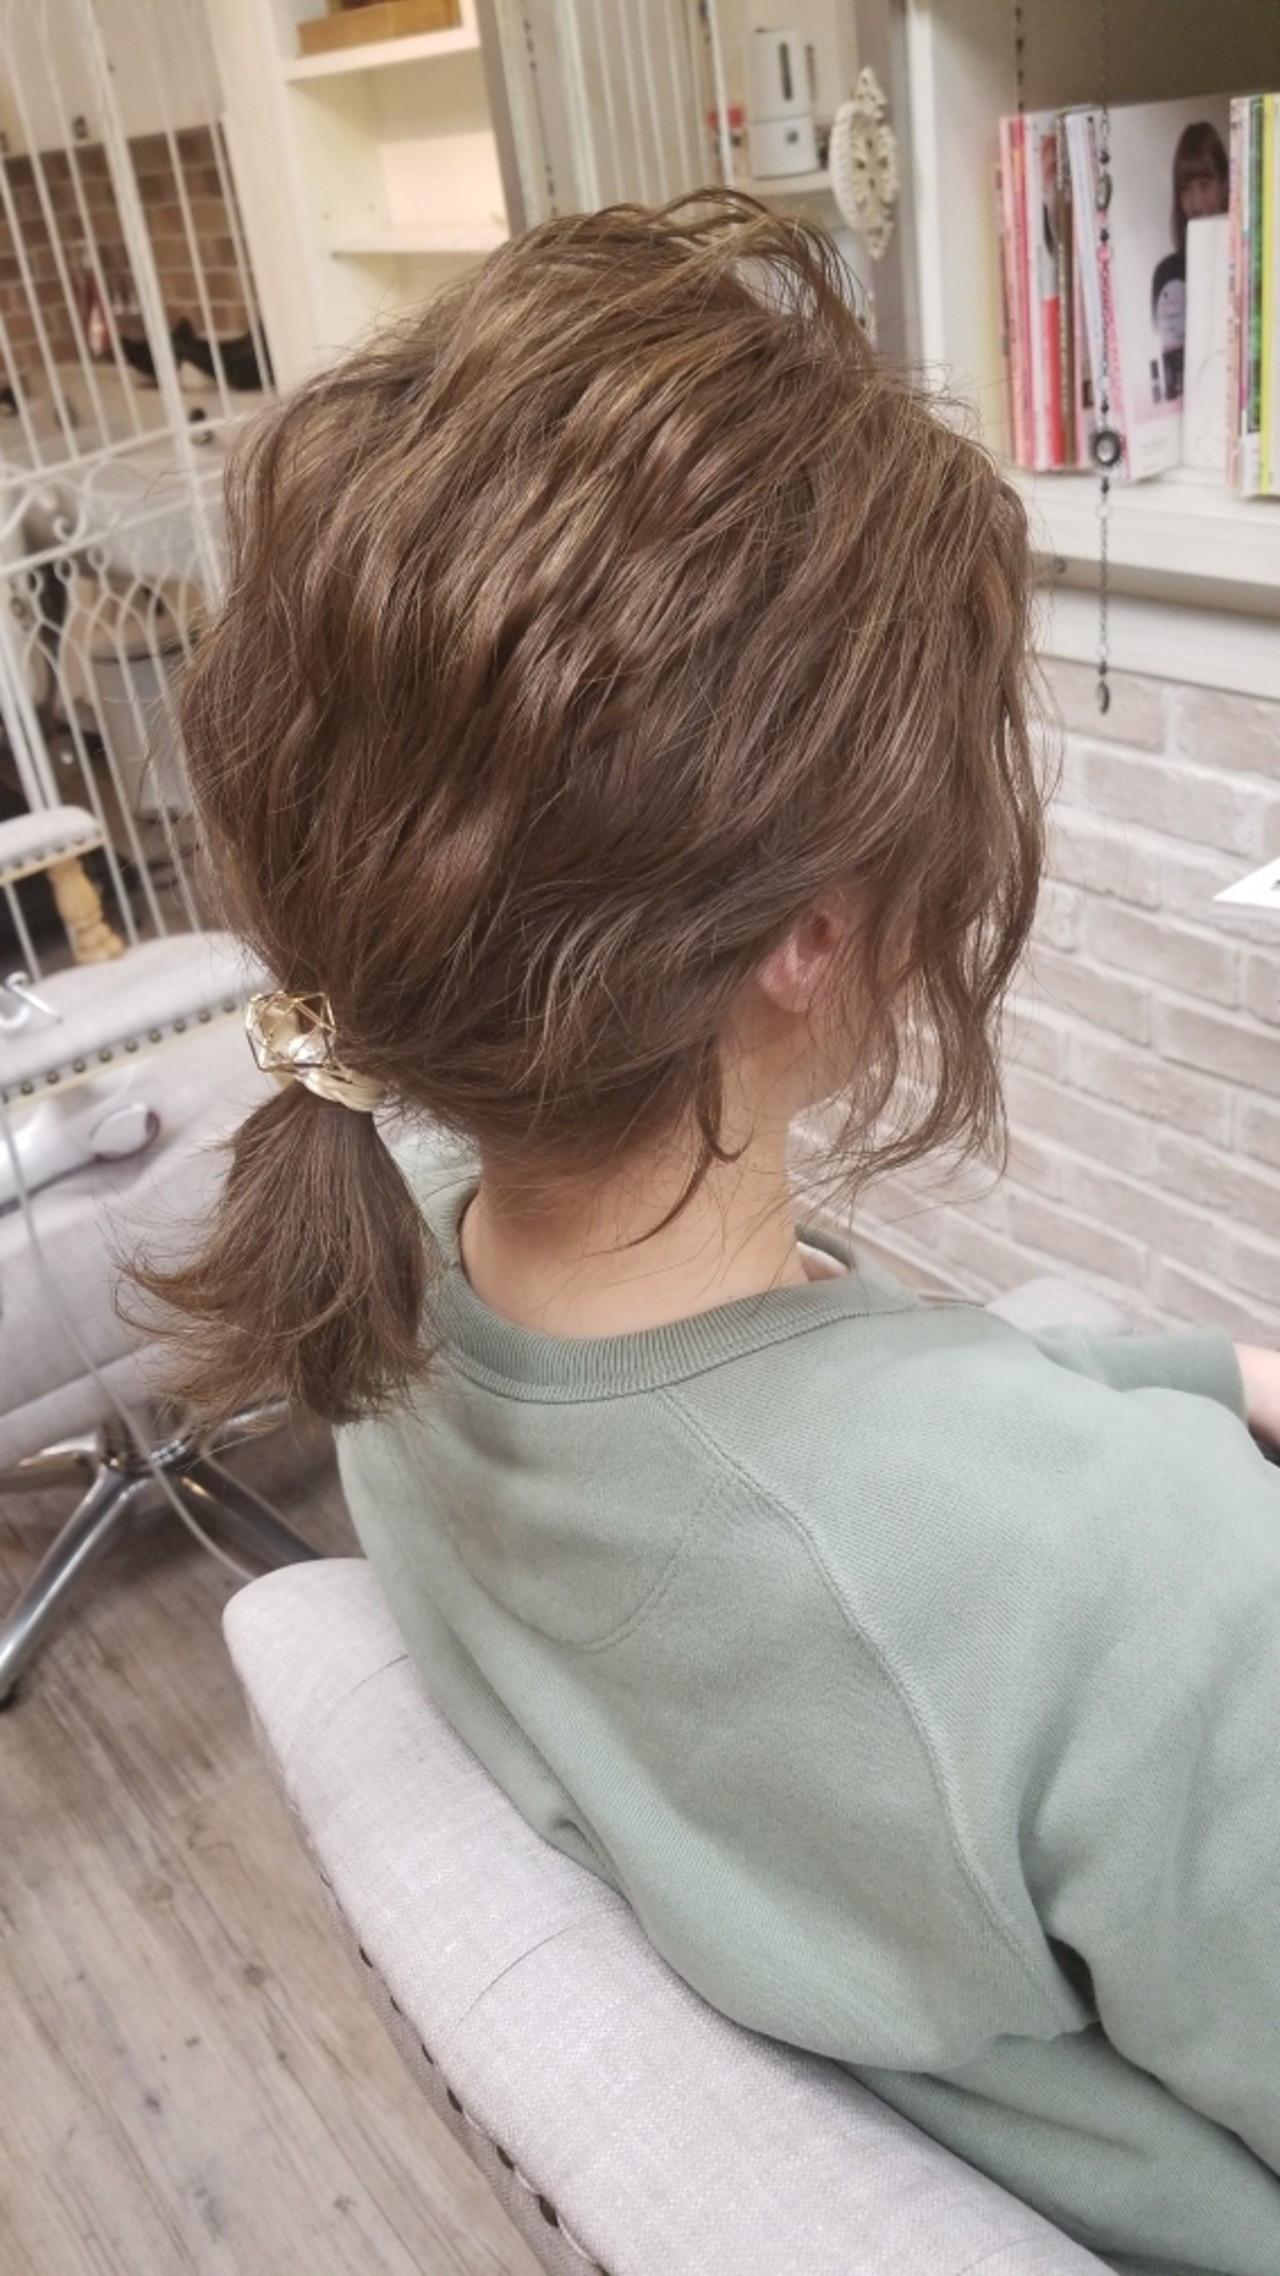 後れ毛が決め手のポニーテールアレンジ Naoko Miura  avant